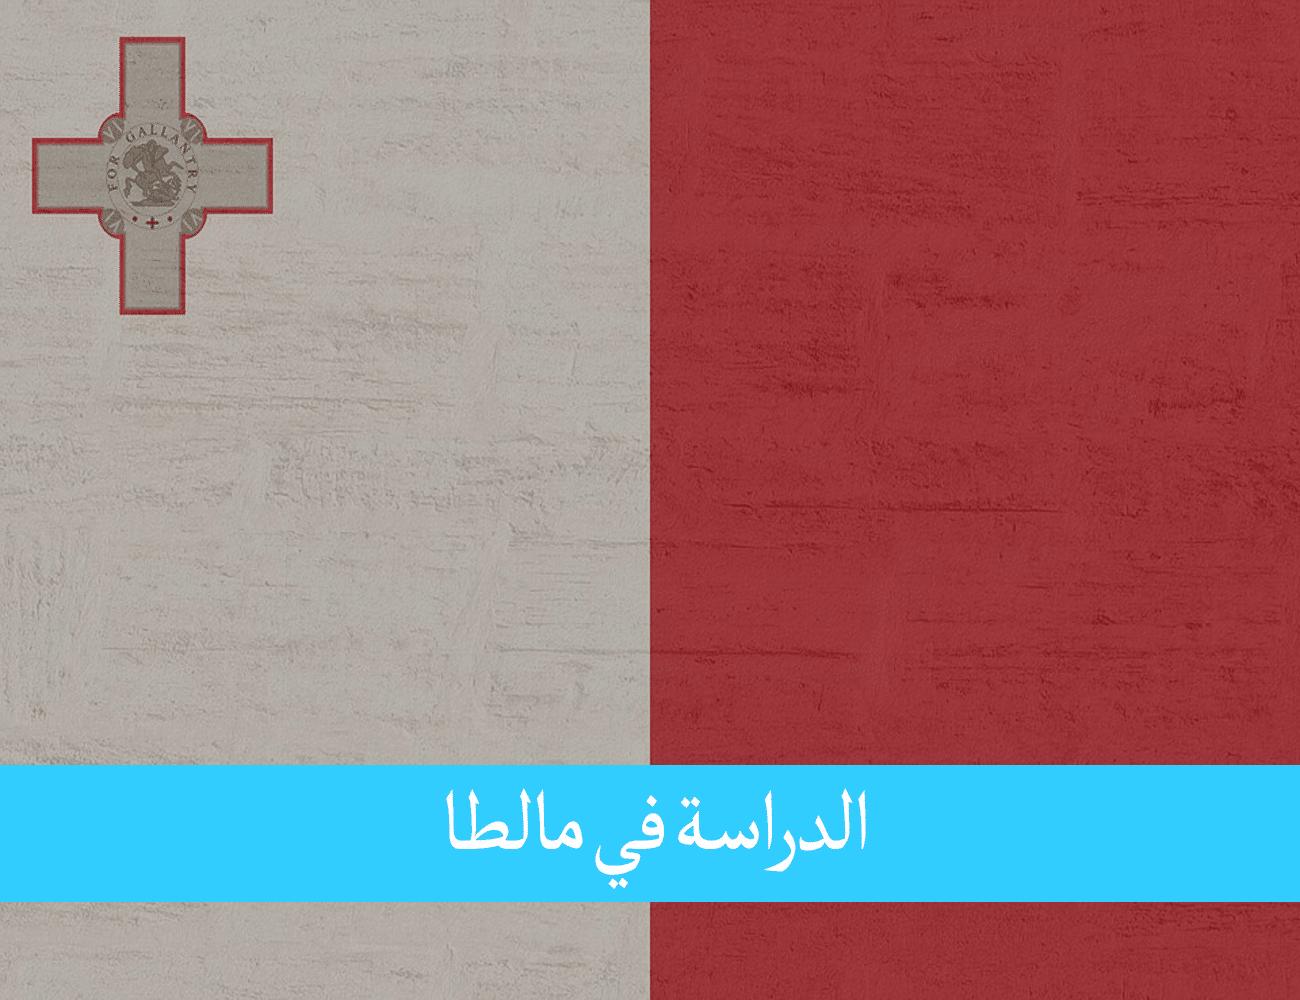 الدراسة في مالطا للمغاربة البلد الصغير والسياحي أوروبيا